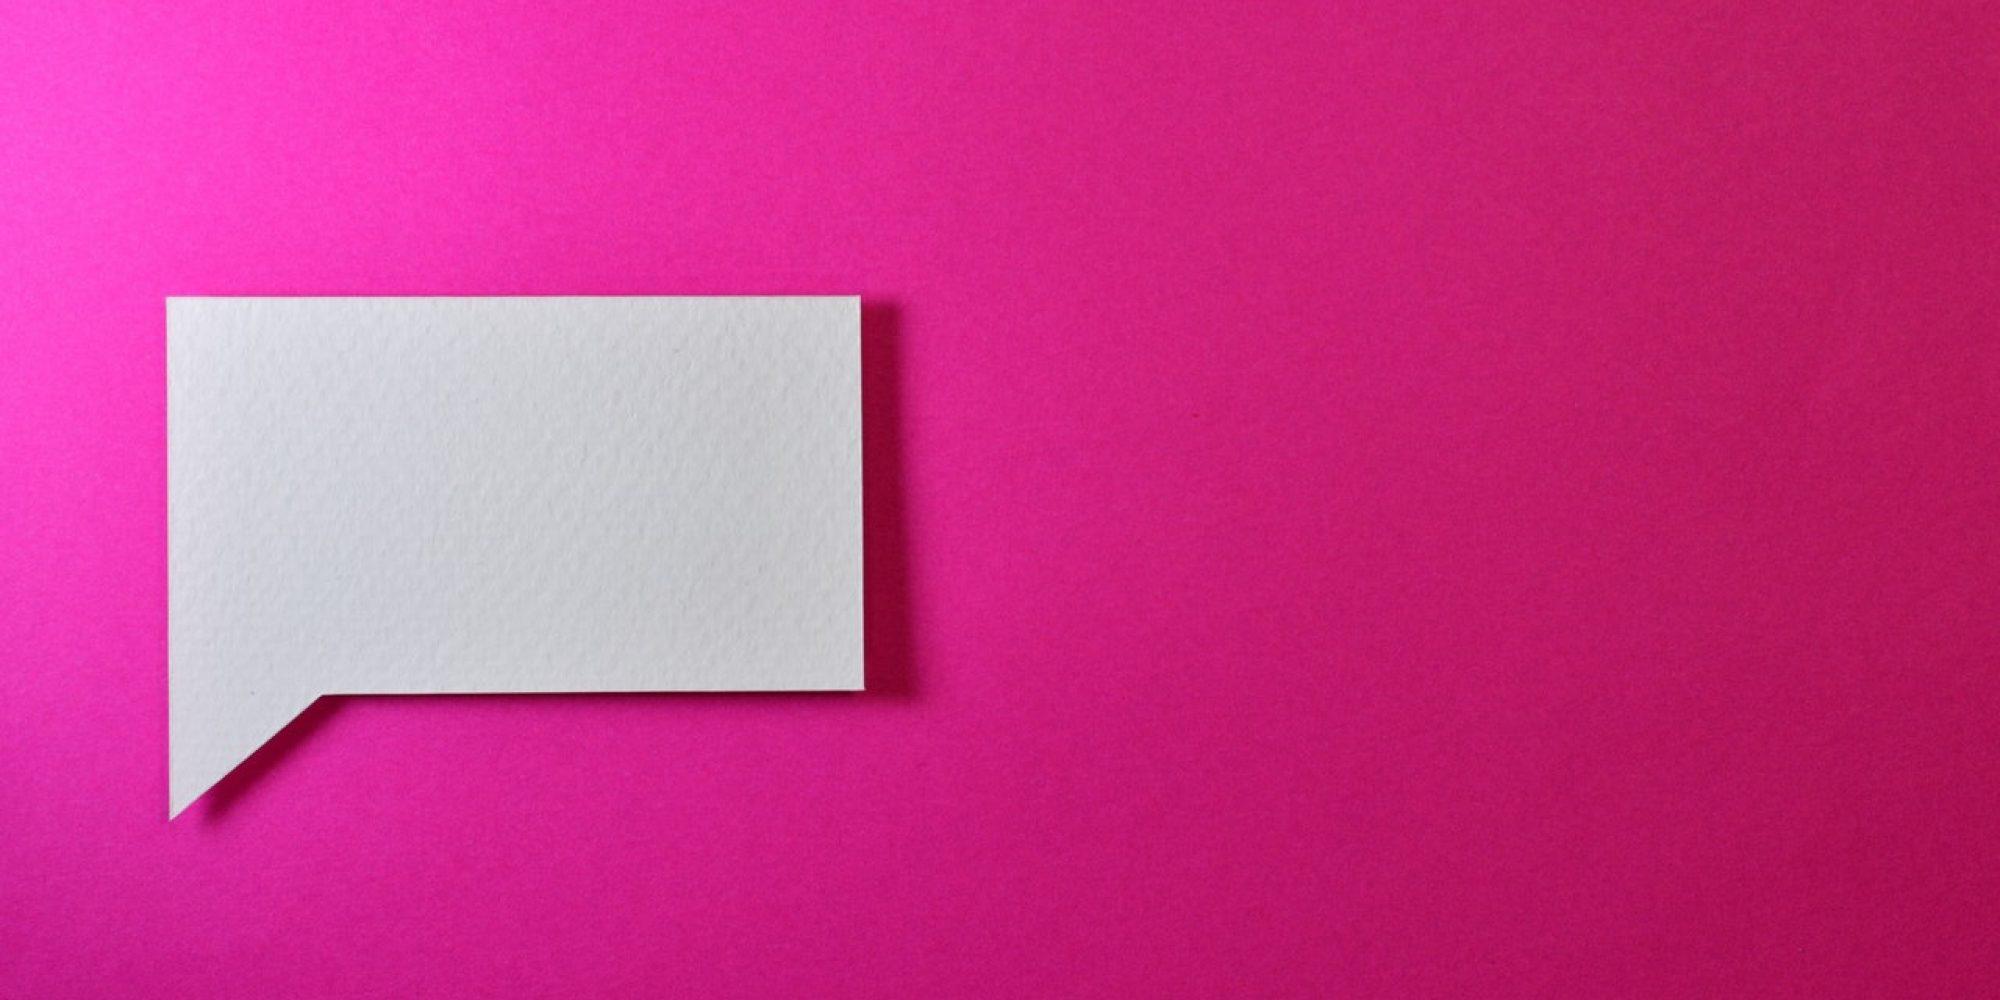 white-paper-1111367 (1)